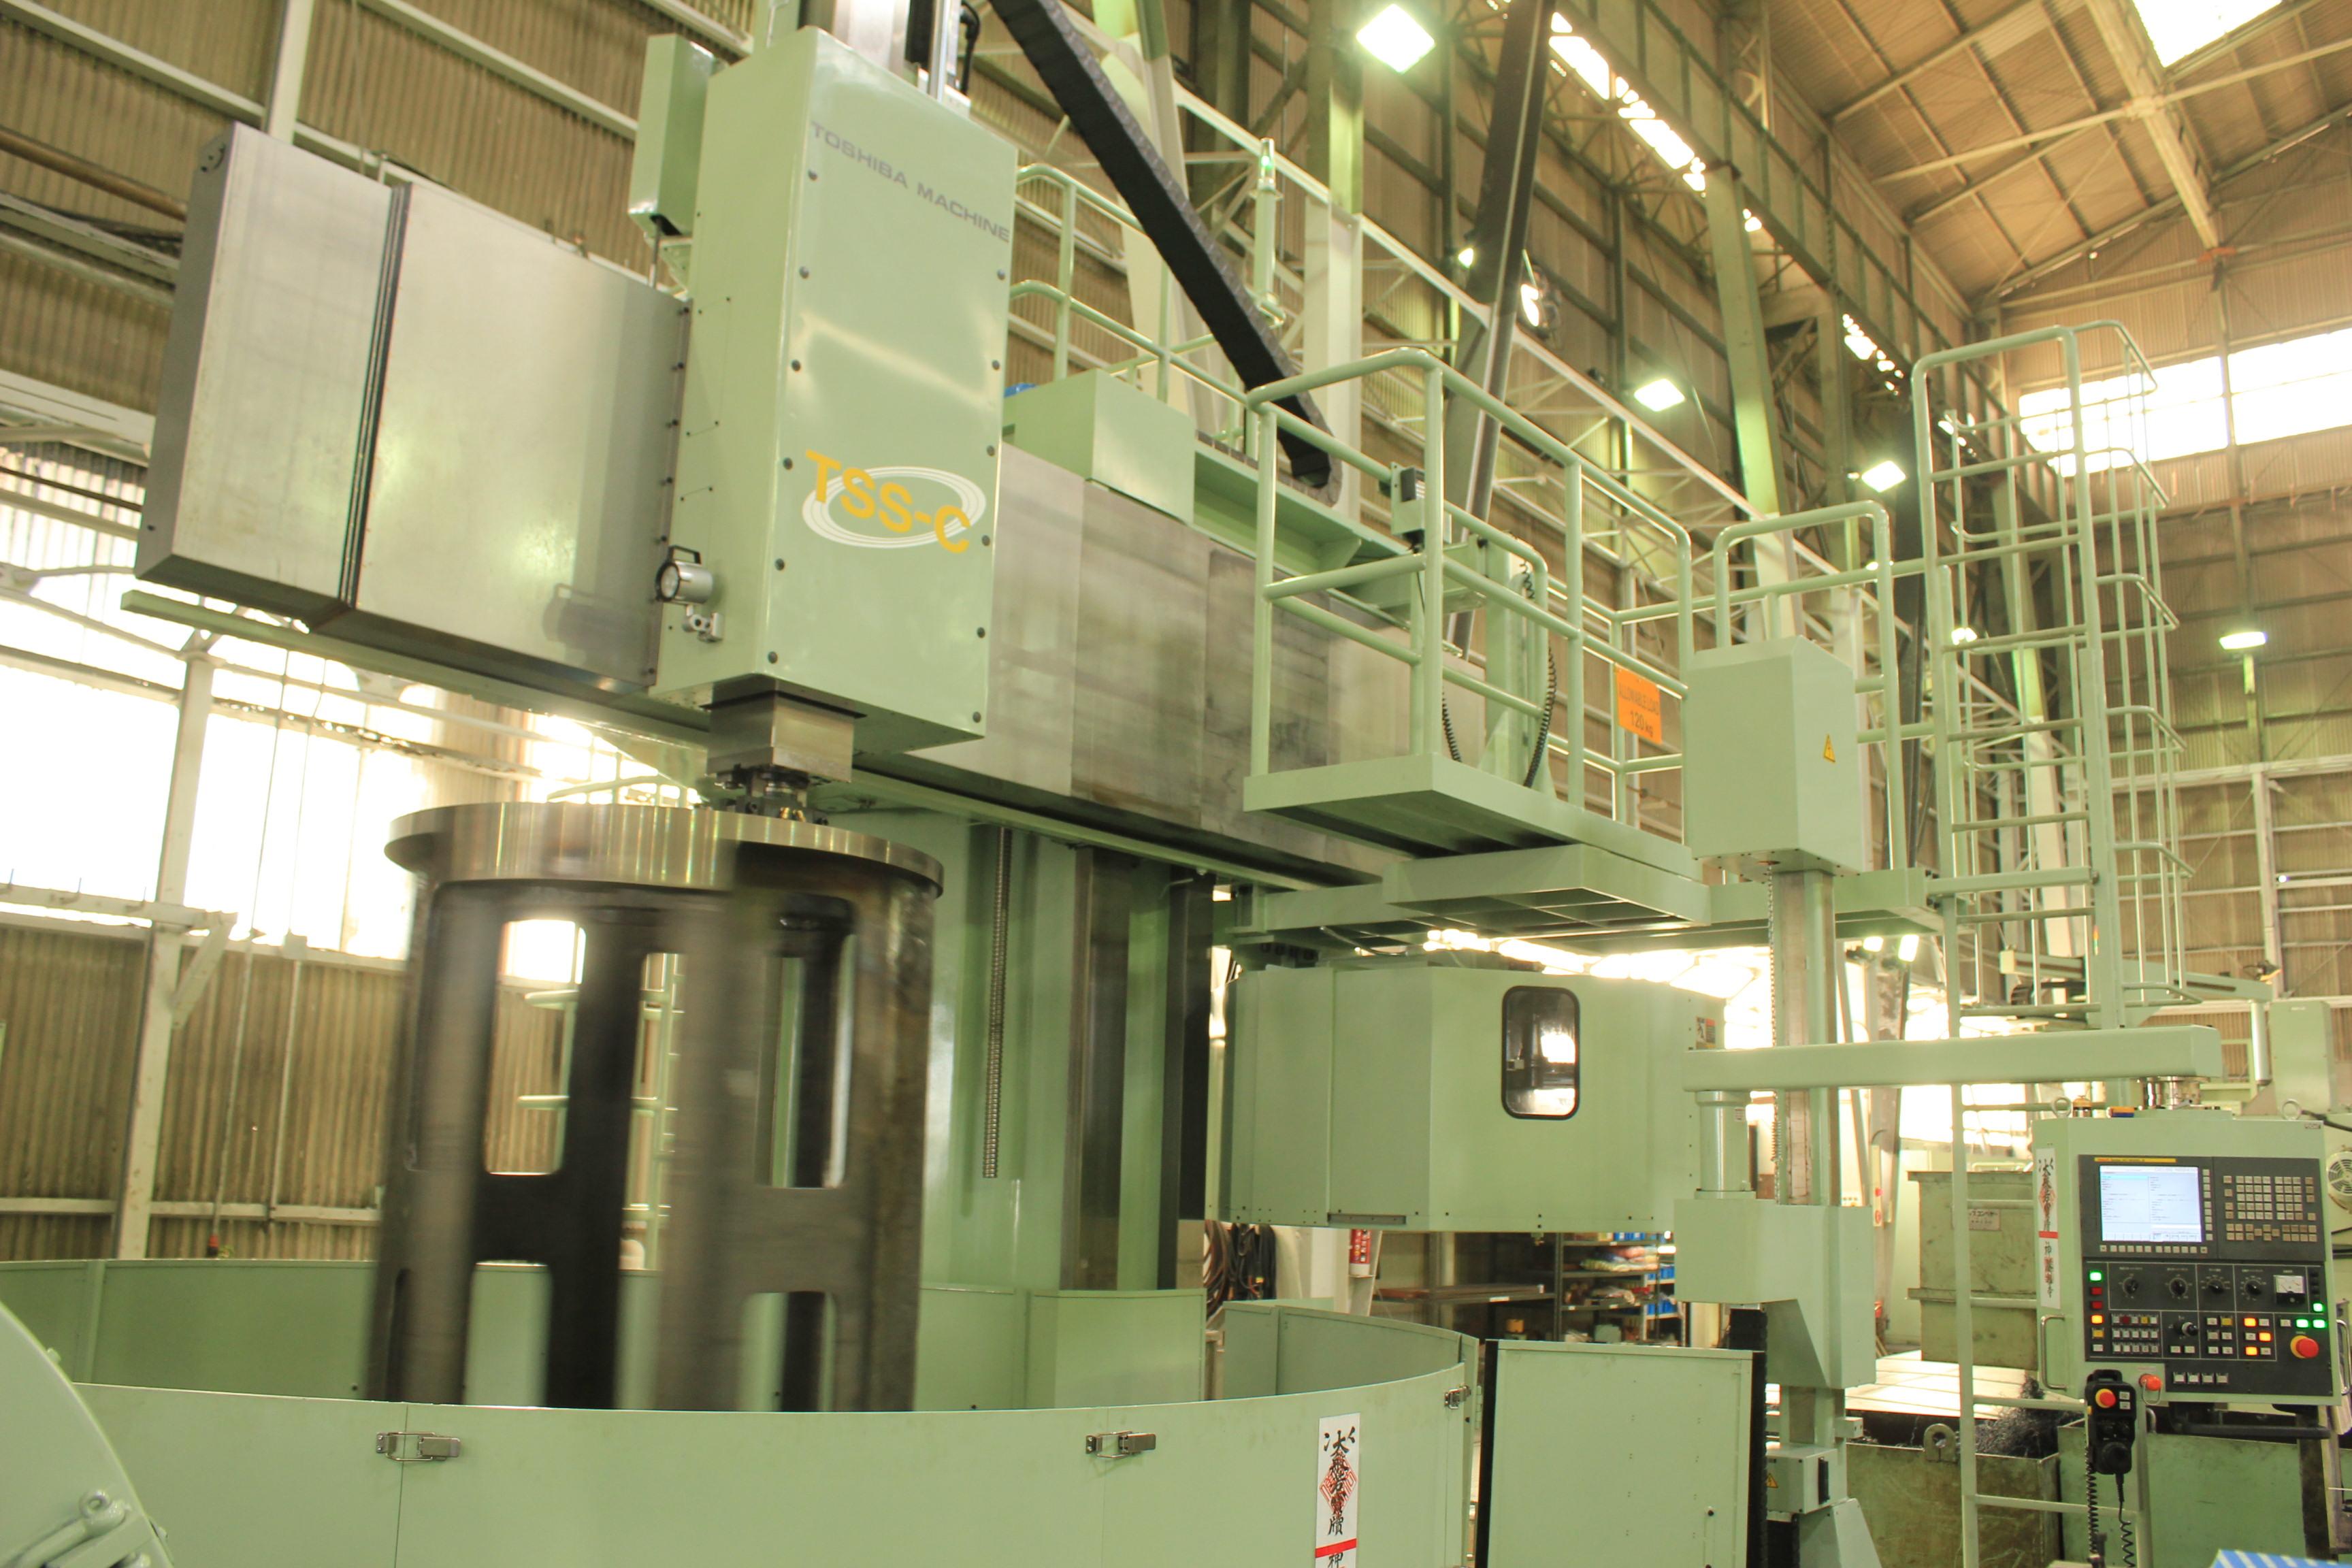 常石鉄工、第二機械工場に新竪型旋盤を導入 ~品質向上・コストダウンを実現~